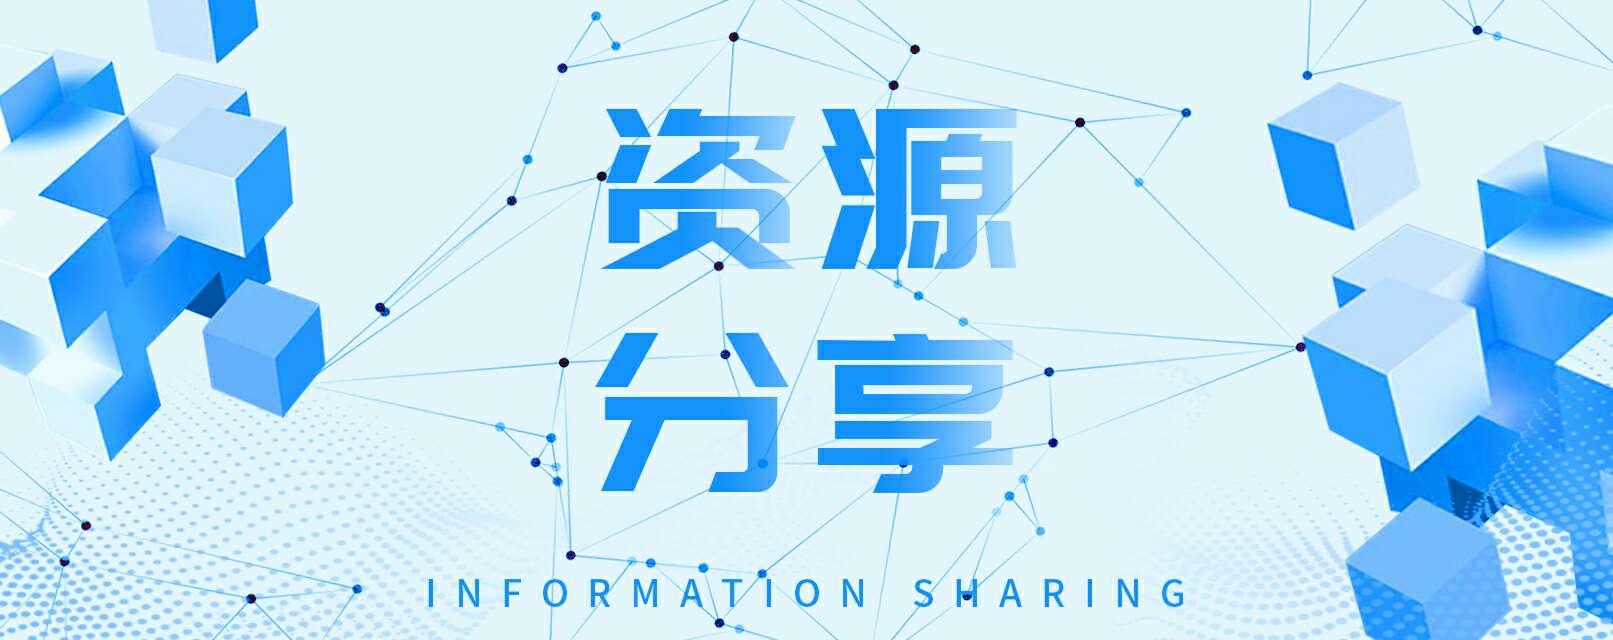 【资源分享】手机文档扫描仪(拍照直接生成文档)